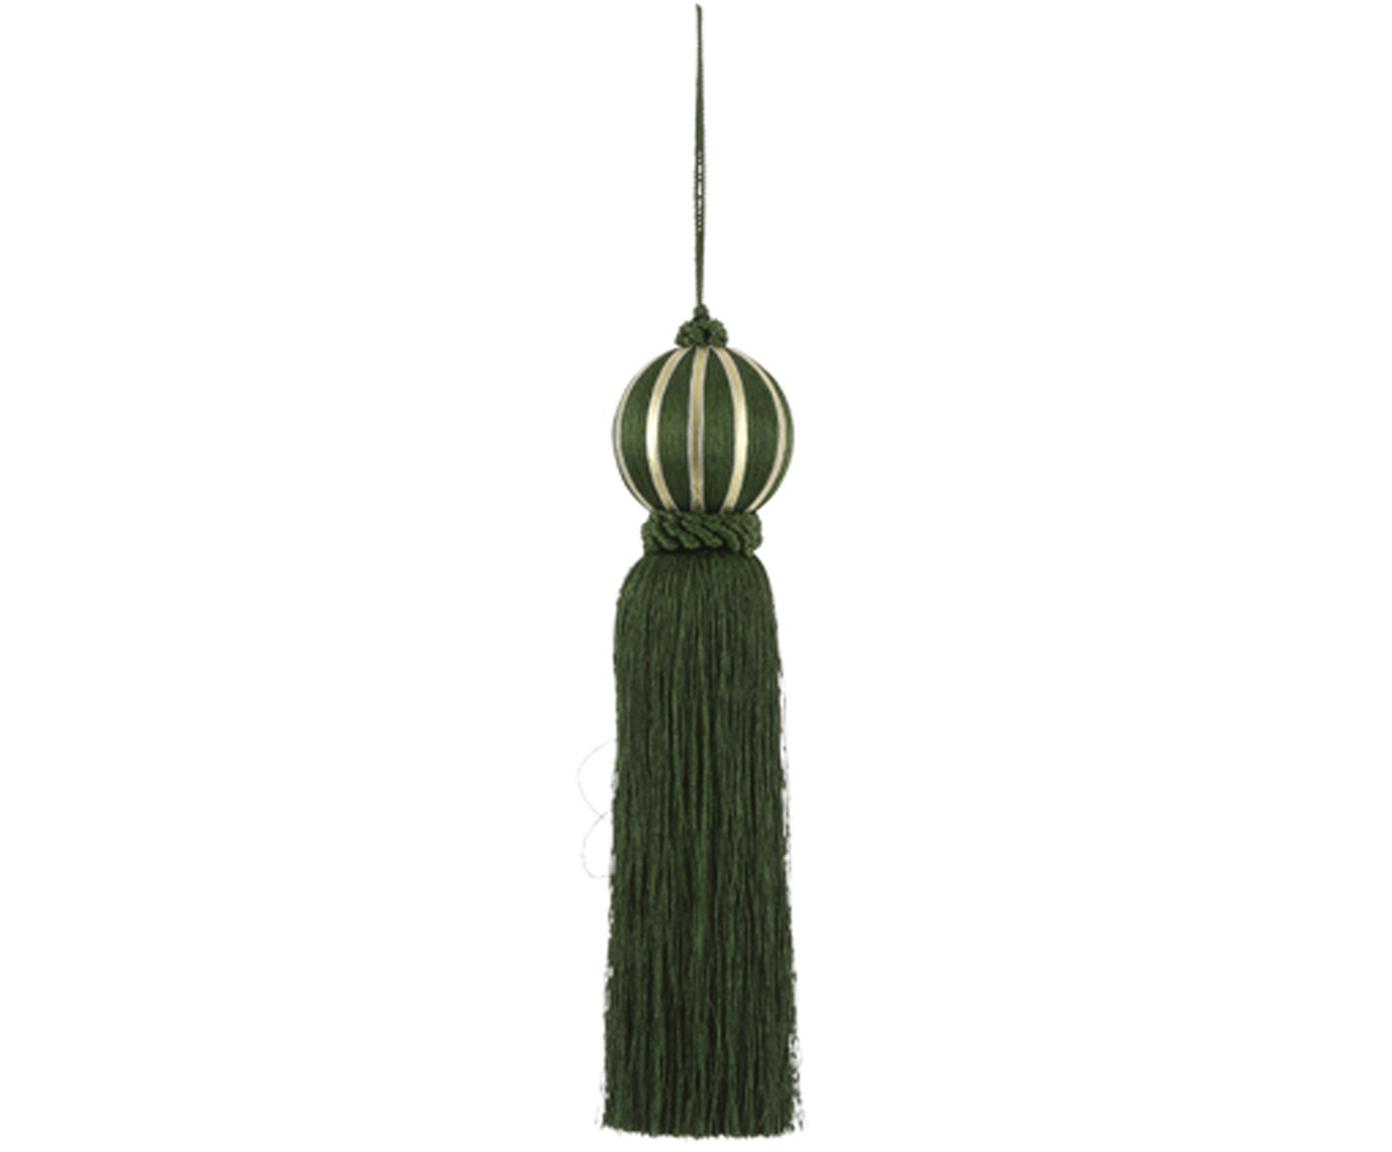 Dekoracja wisząca Asena, 2 szt., Poliester, Ciemny zielony, Ø 6 x W 27 cm